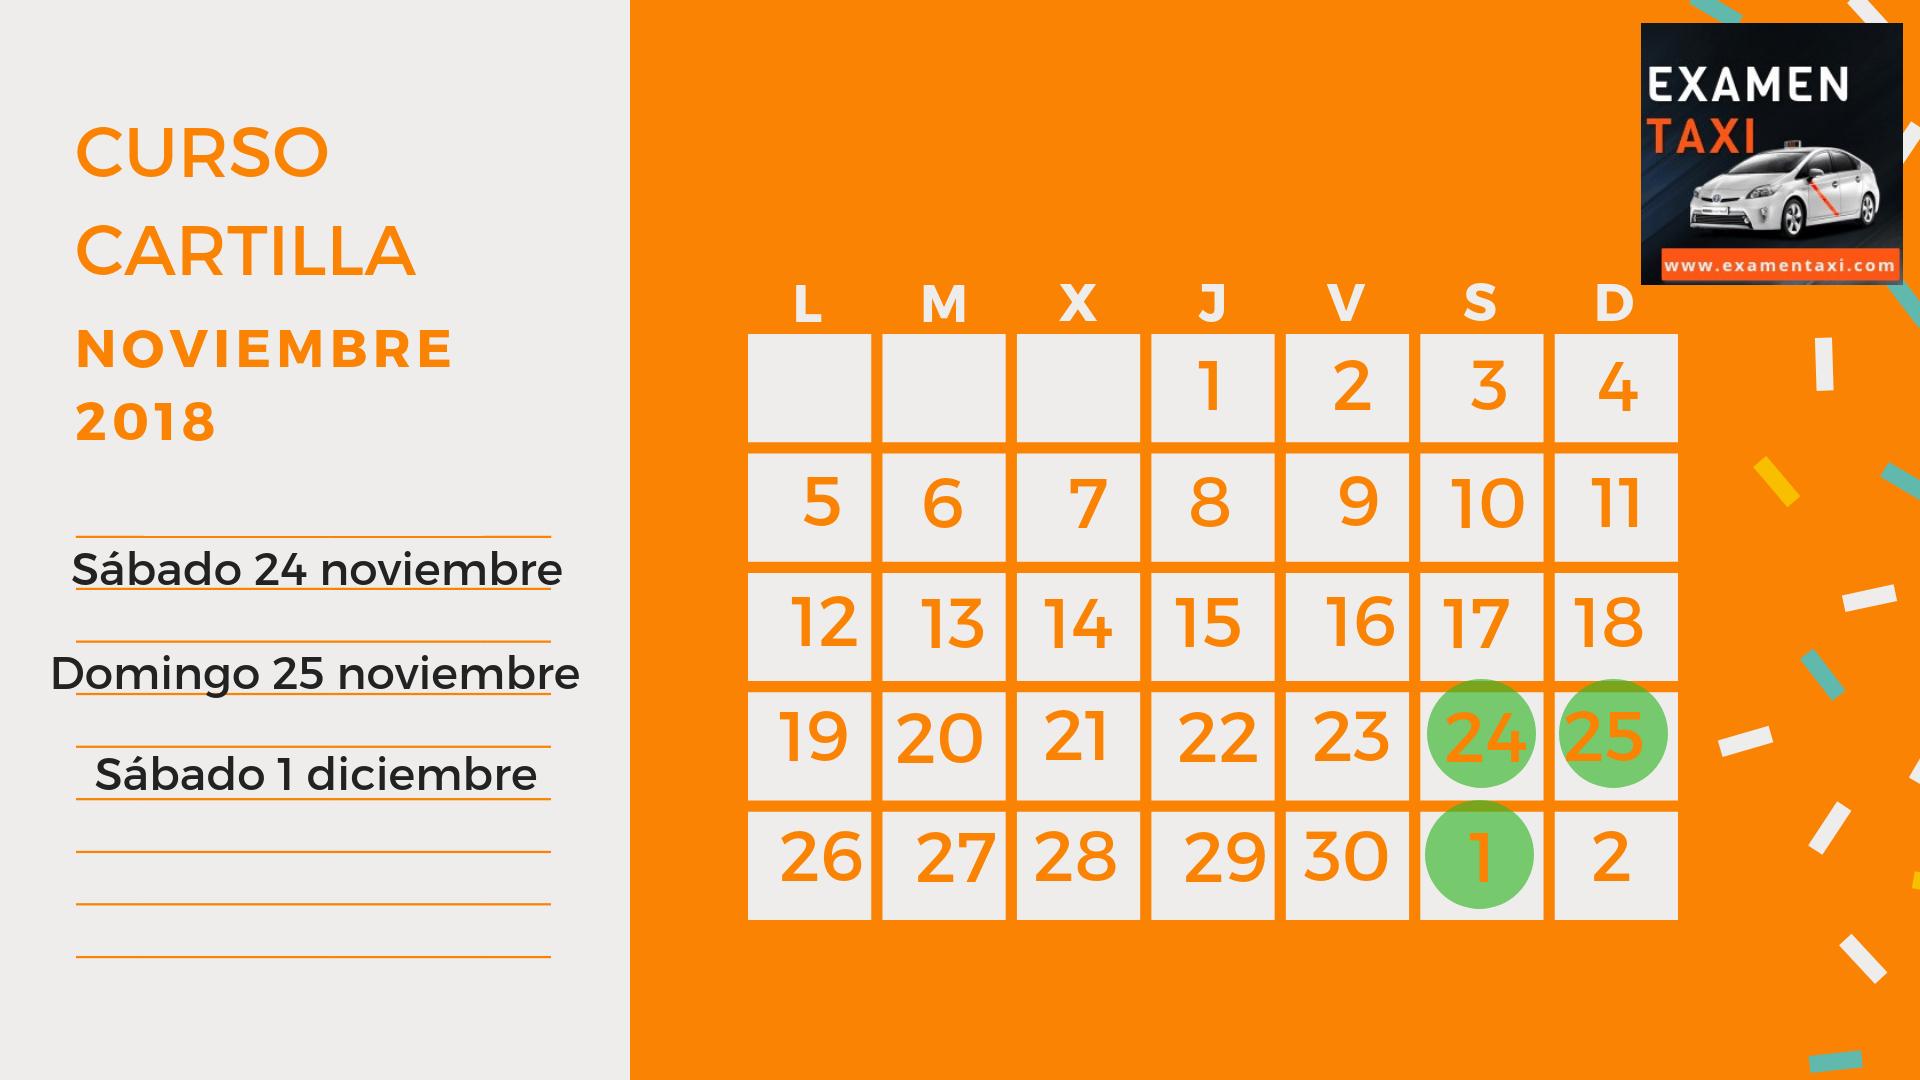 Calendario Curso Cartilla Noviembre 2018